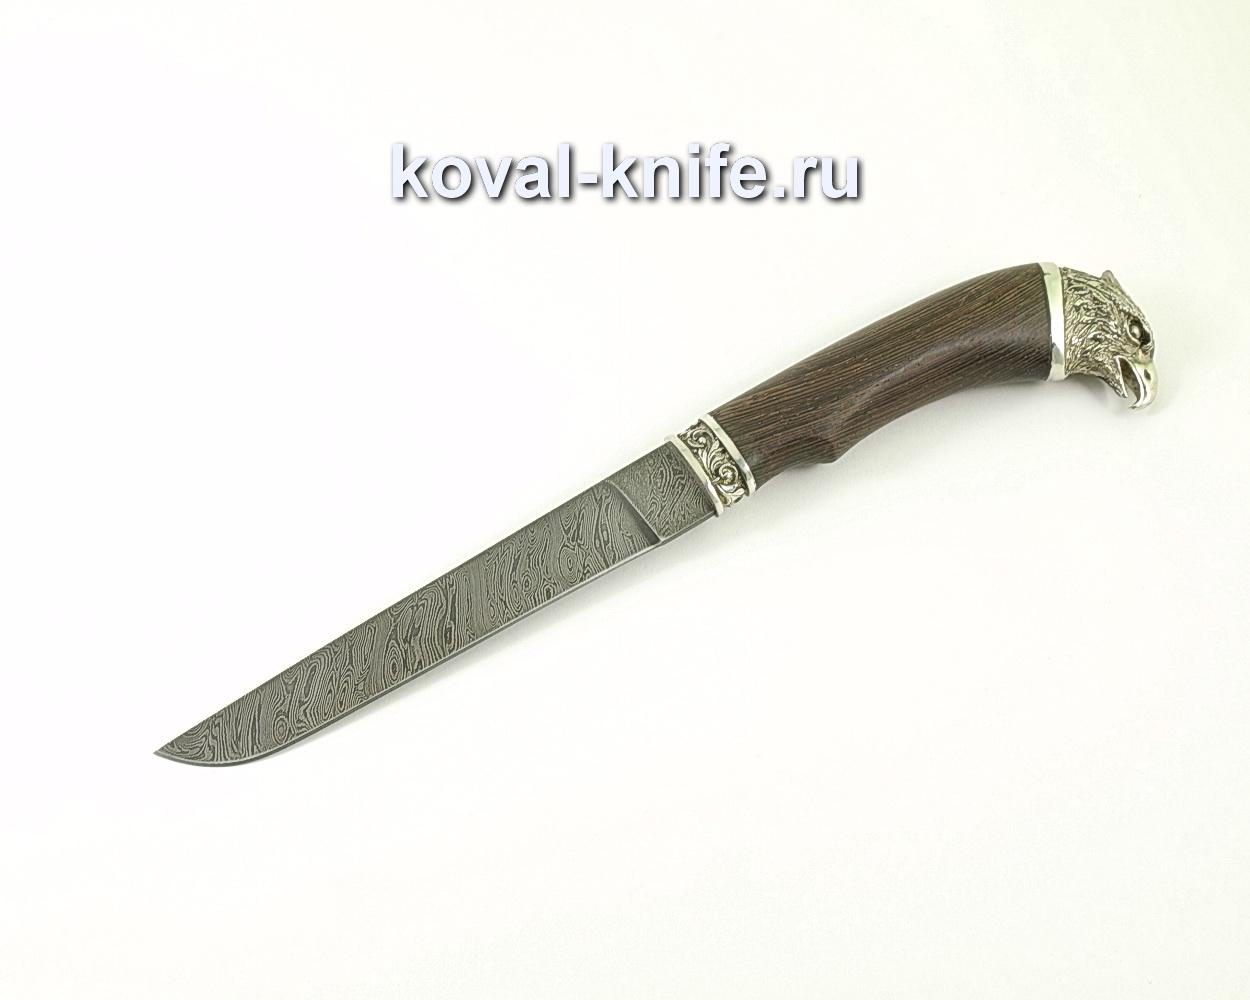 Нож из дамасской стали Волк (венге, литье мельхиор сокол) A325